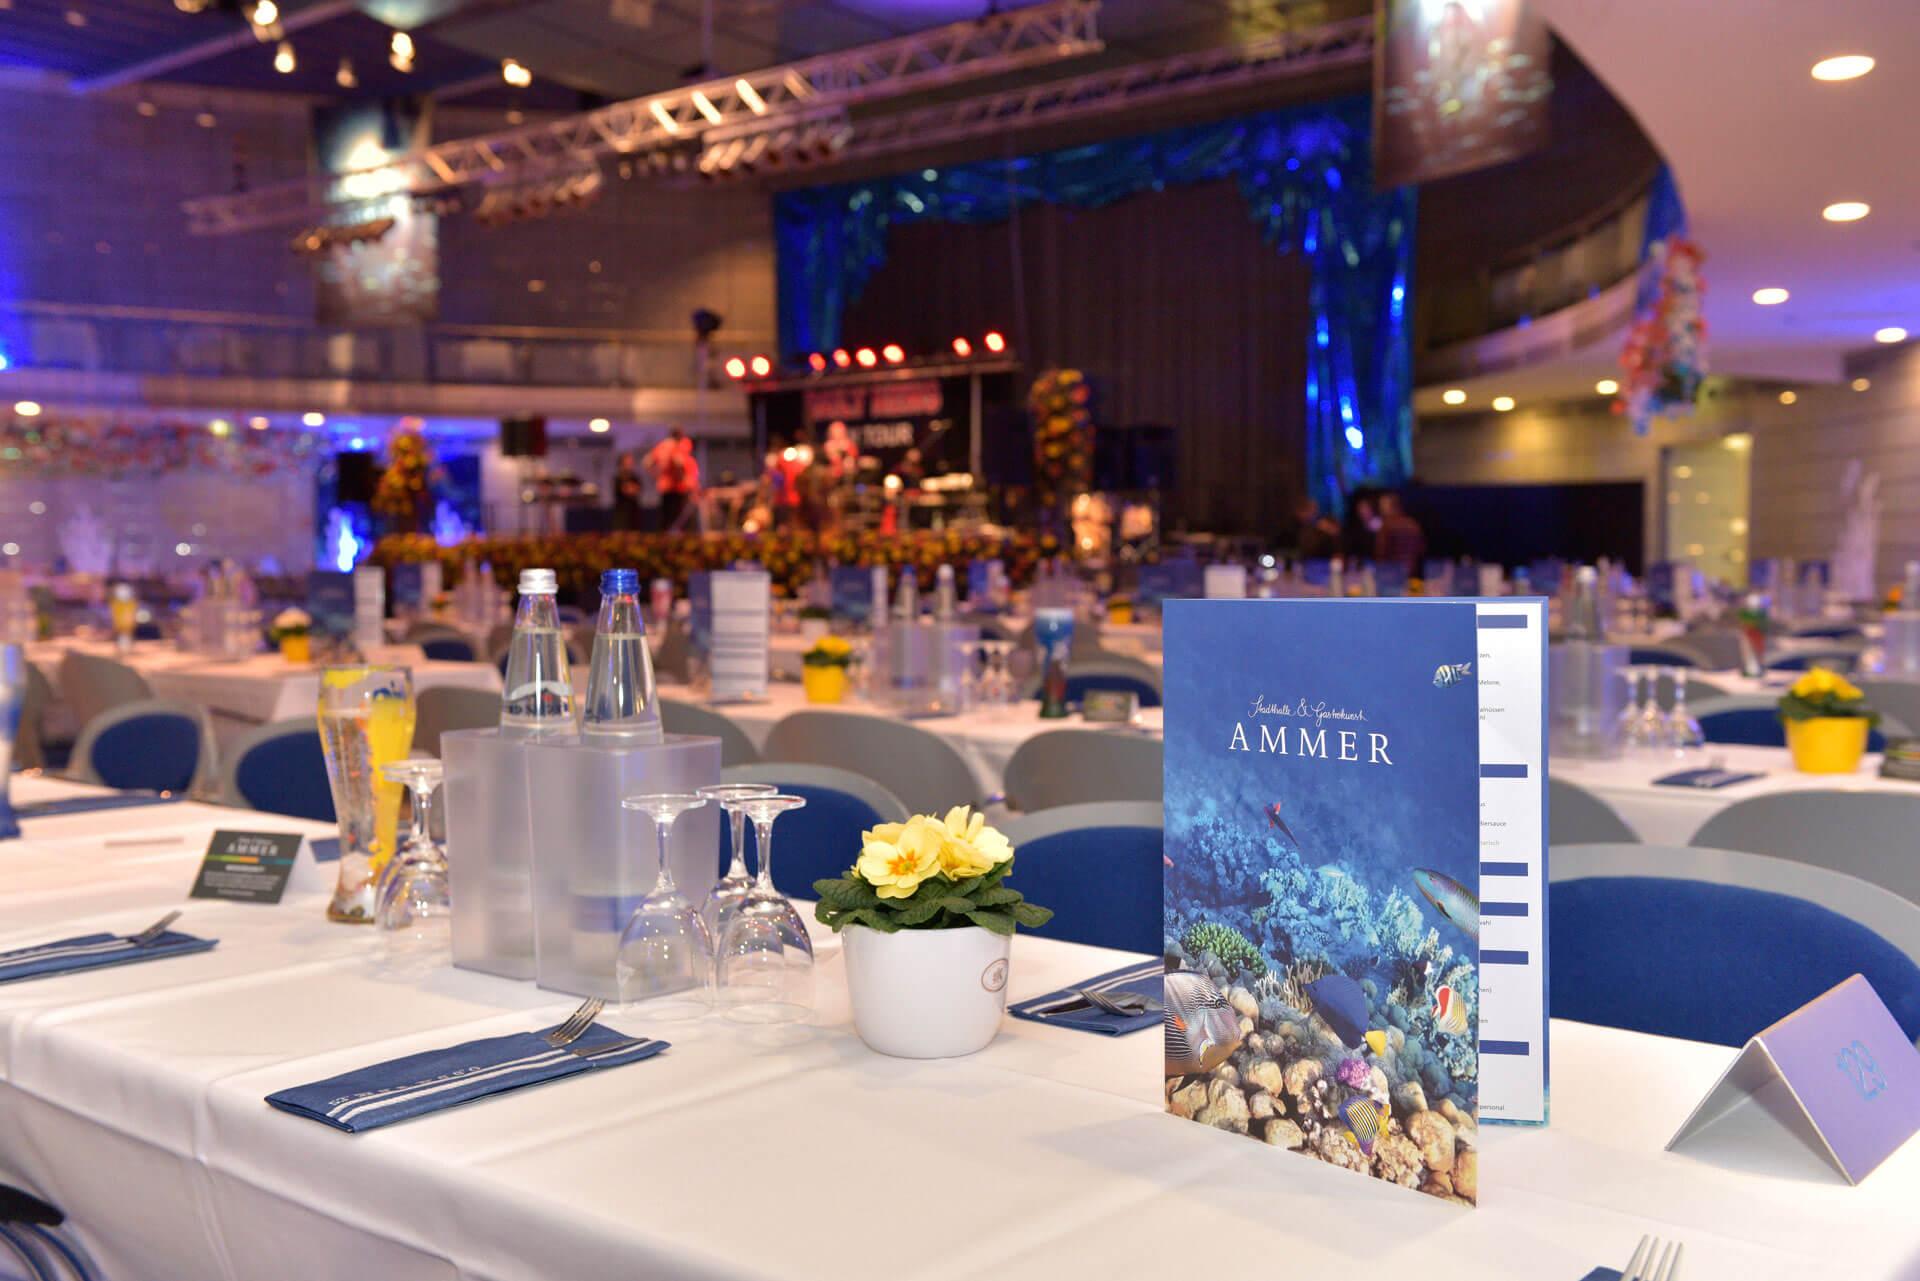 """Eine Speisekarte mit der Aufschrift """"Ammer"""" im Hintergrund die Bühne im Saal"""